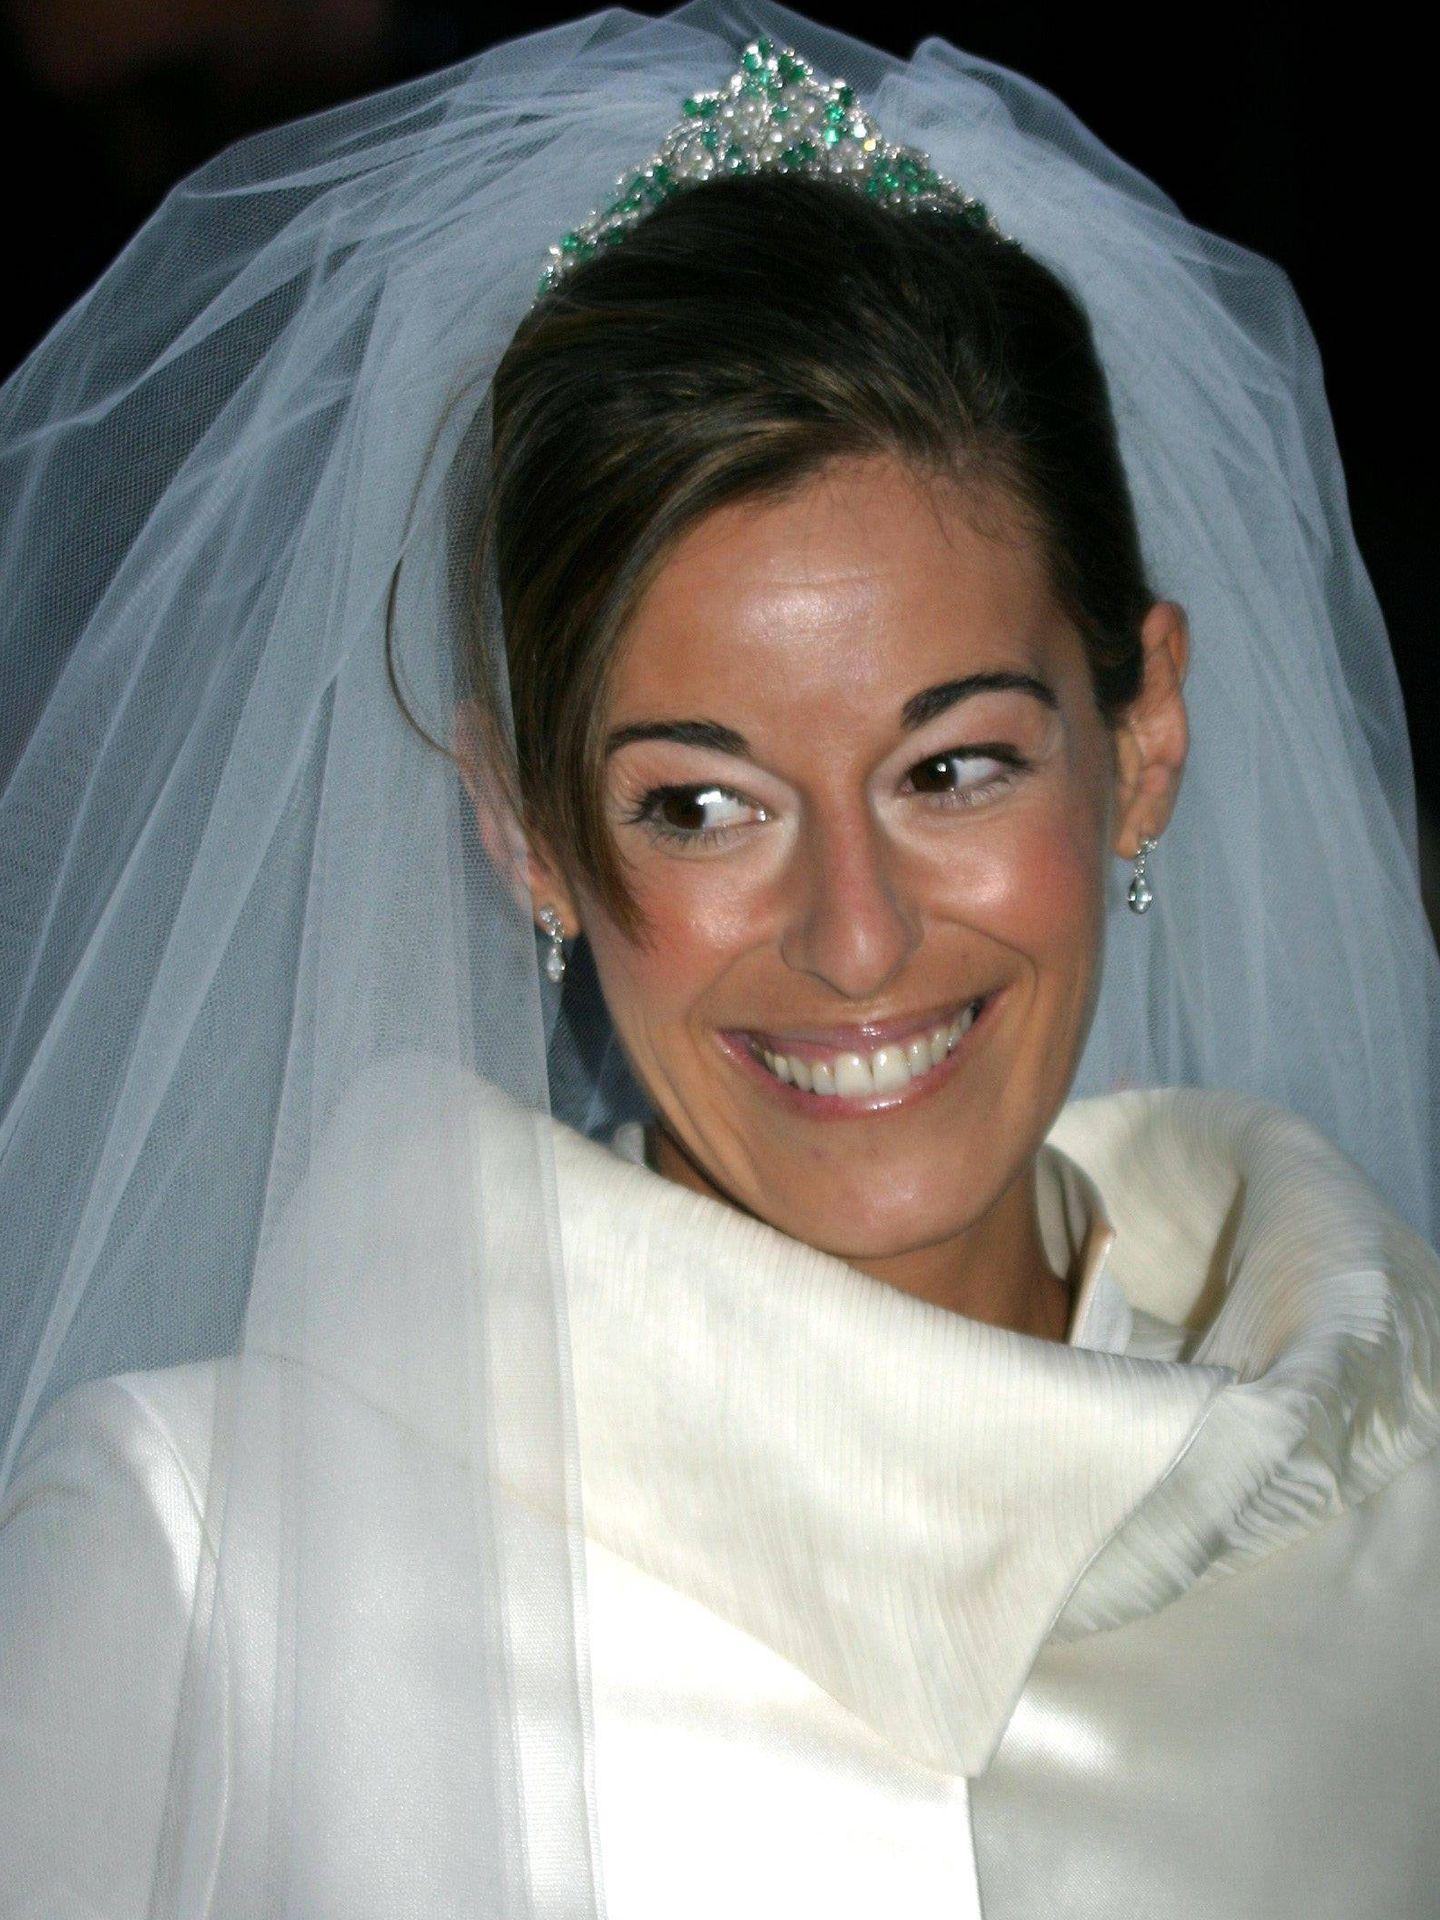 Mónica Martín Luque, luciendo las esmeraldas como tiara. (Gtres)